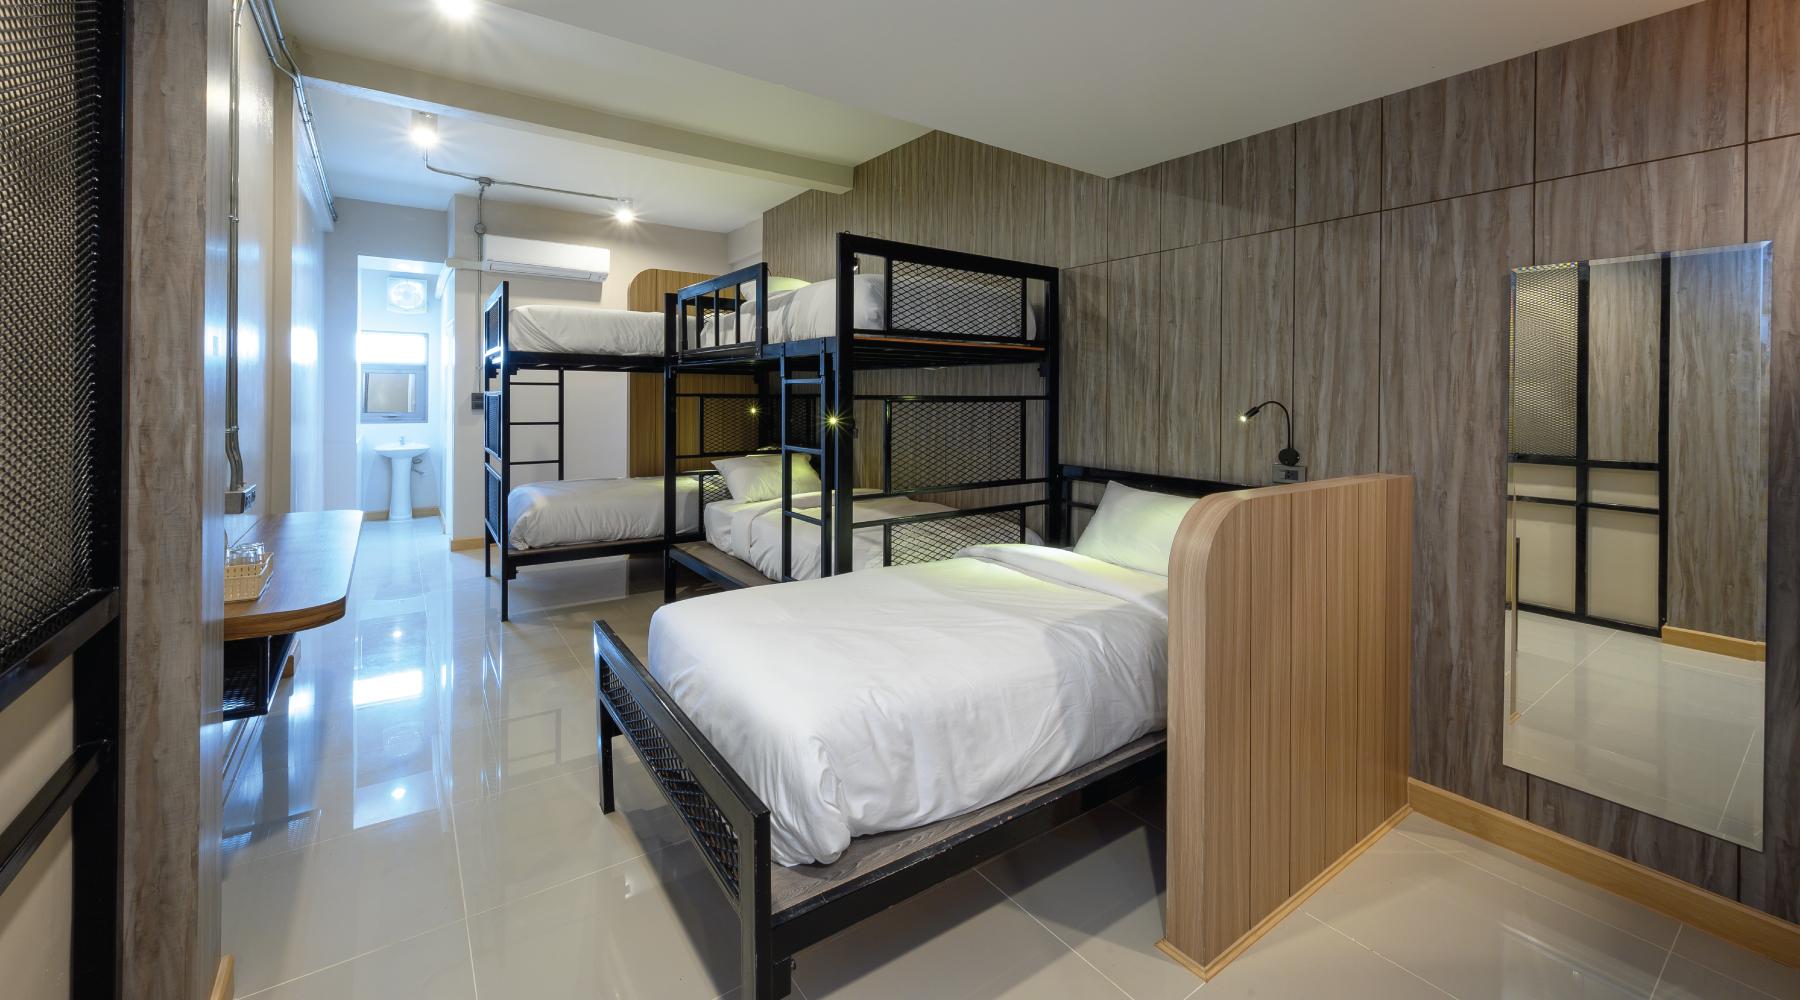 room-bunk-bed-05